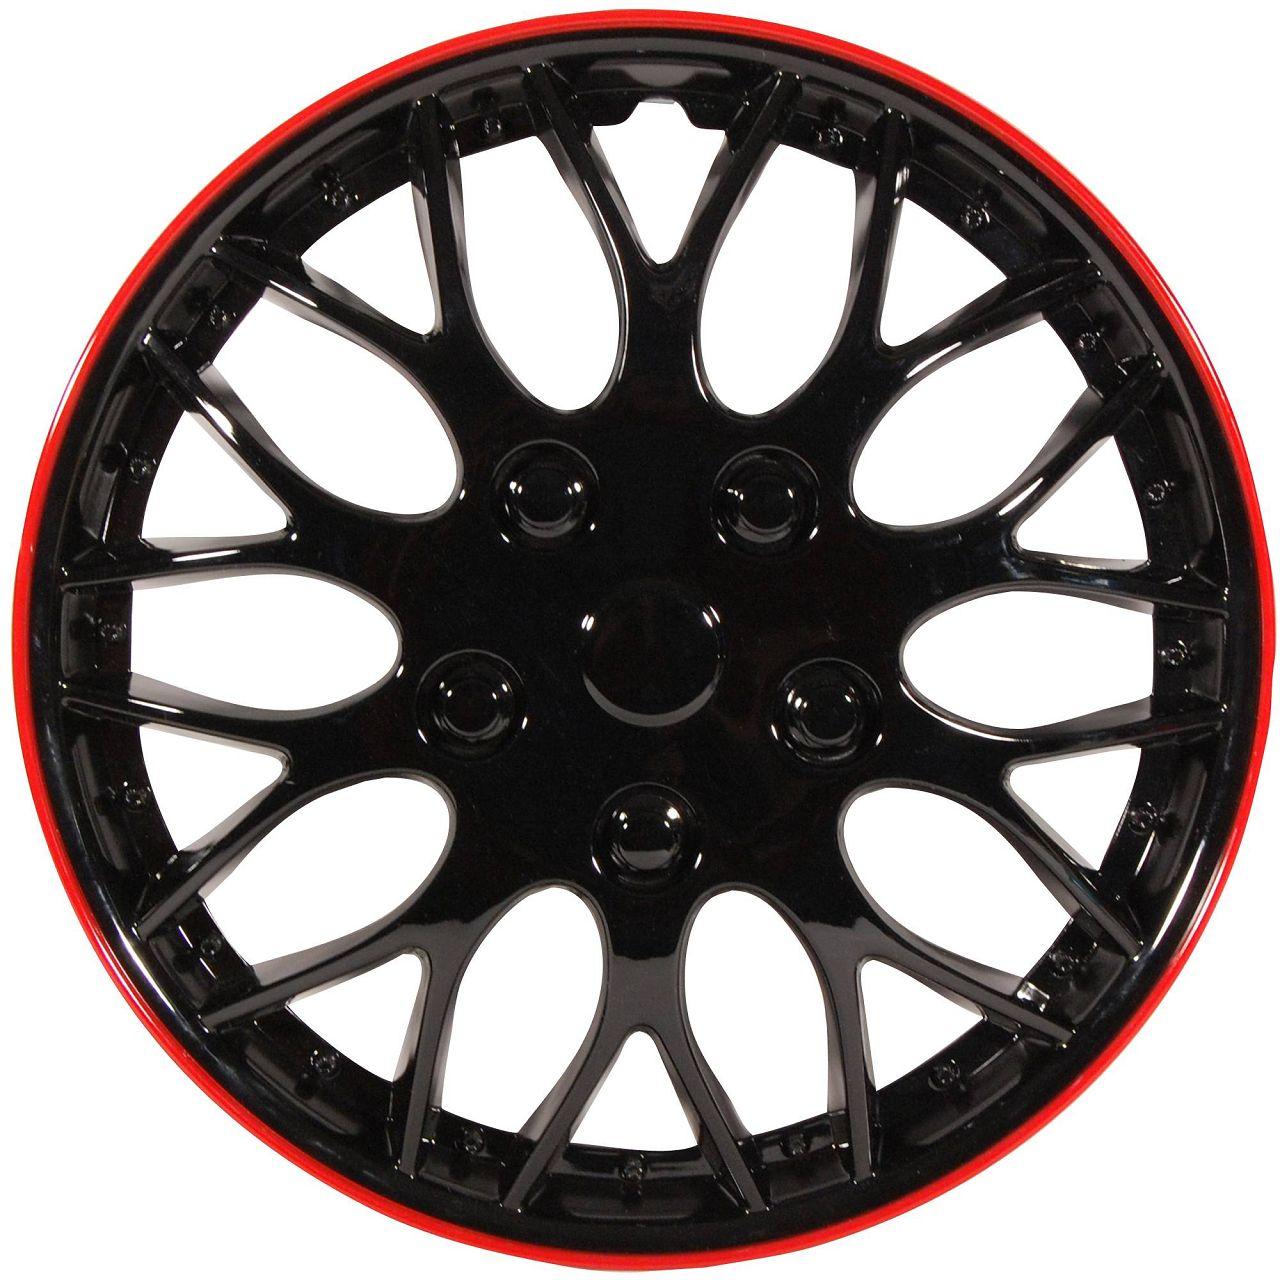 4x Radkappen Radblenden MIAMI SCHWARZ ROT BLACK RED 15 Zoll (4 Stück)